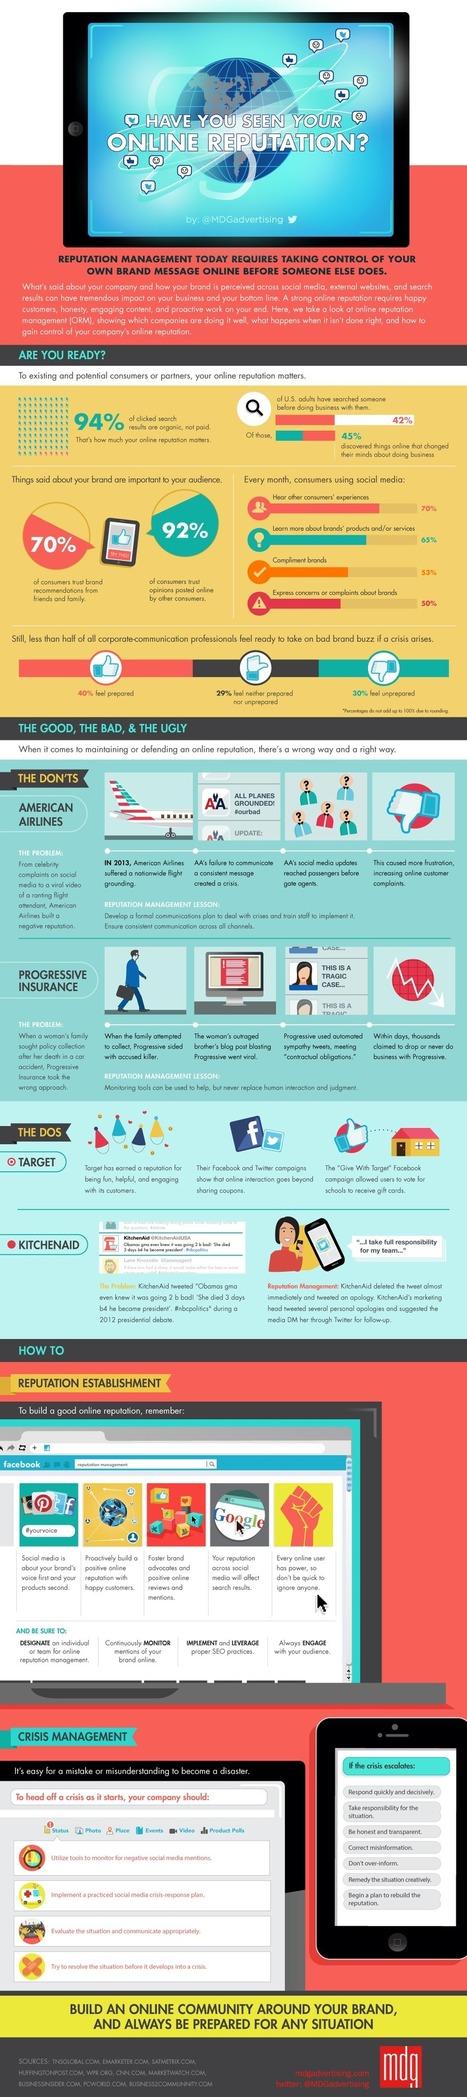 5 Keys to Building a Solid Brand Reputation Online | Tecnologia, mobilidade e educação | Scoop.it